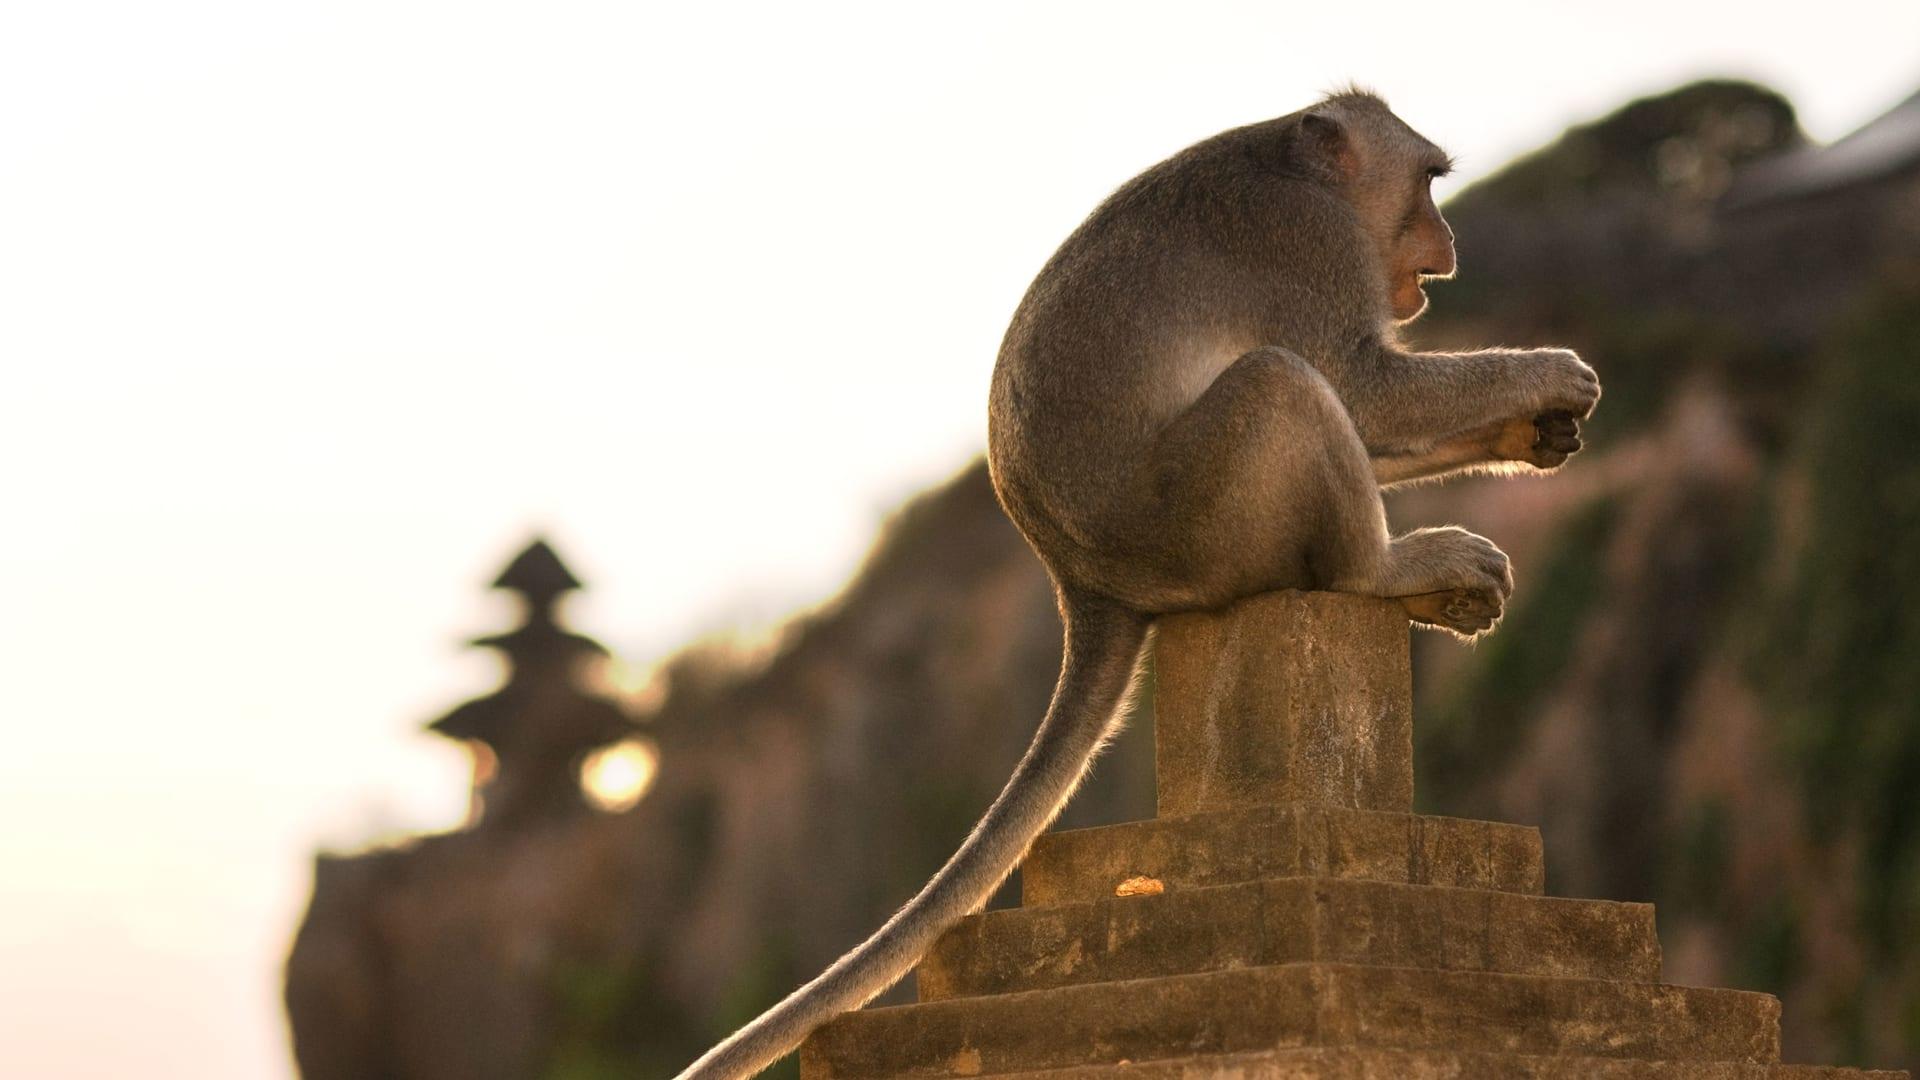 لن تتركها إلا بعد تلقي الطعام.. هذه القردة تحدد ممتلكات الزوار الثمينة لسرقتها ومقايضتها في بالي